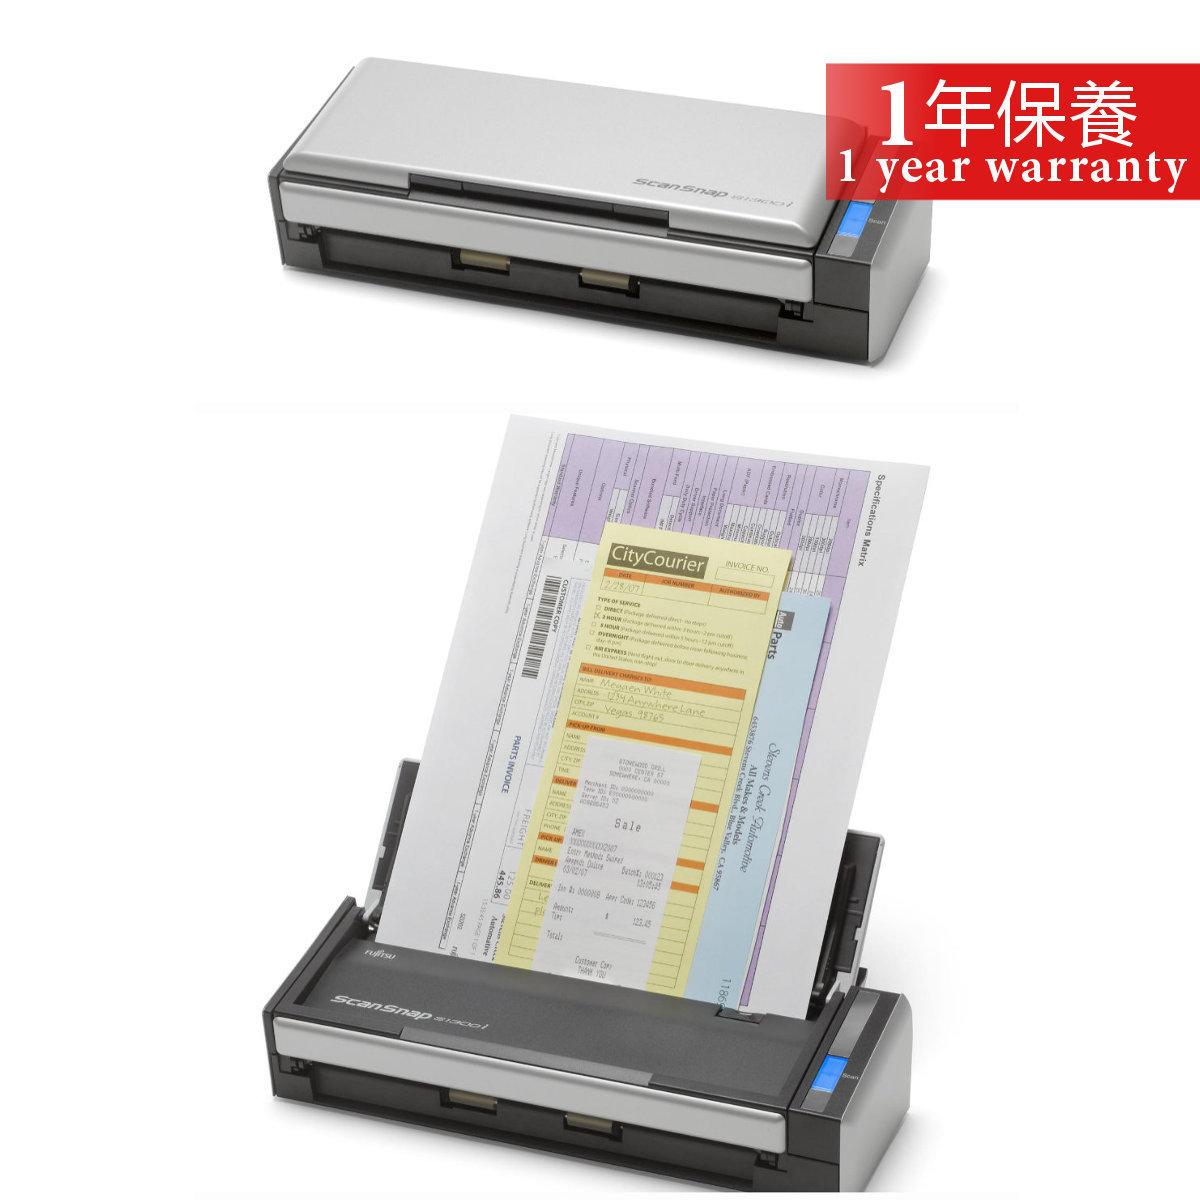 ScanSnap S1300i 文件掃描器